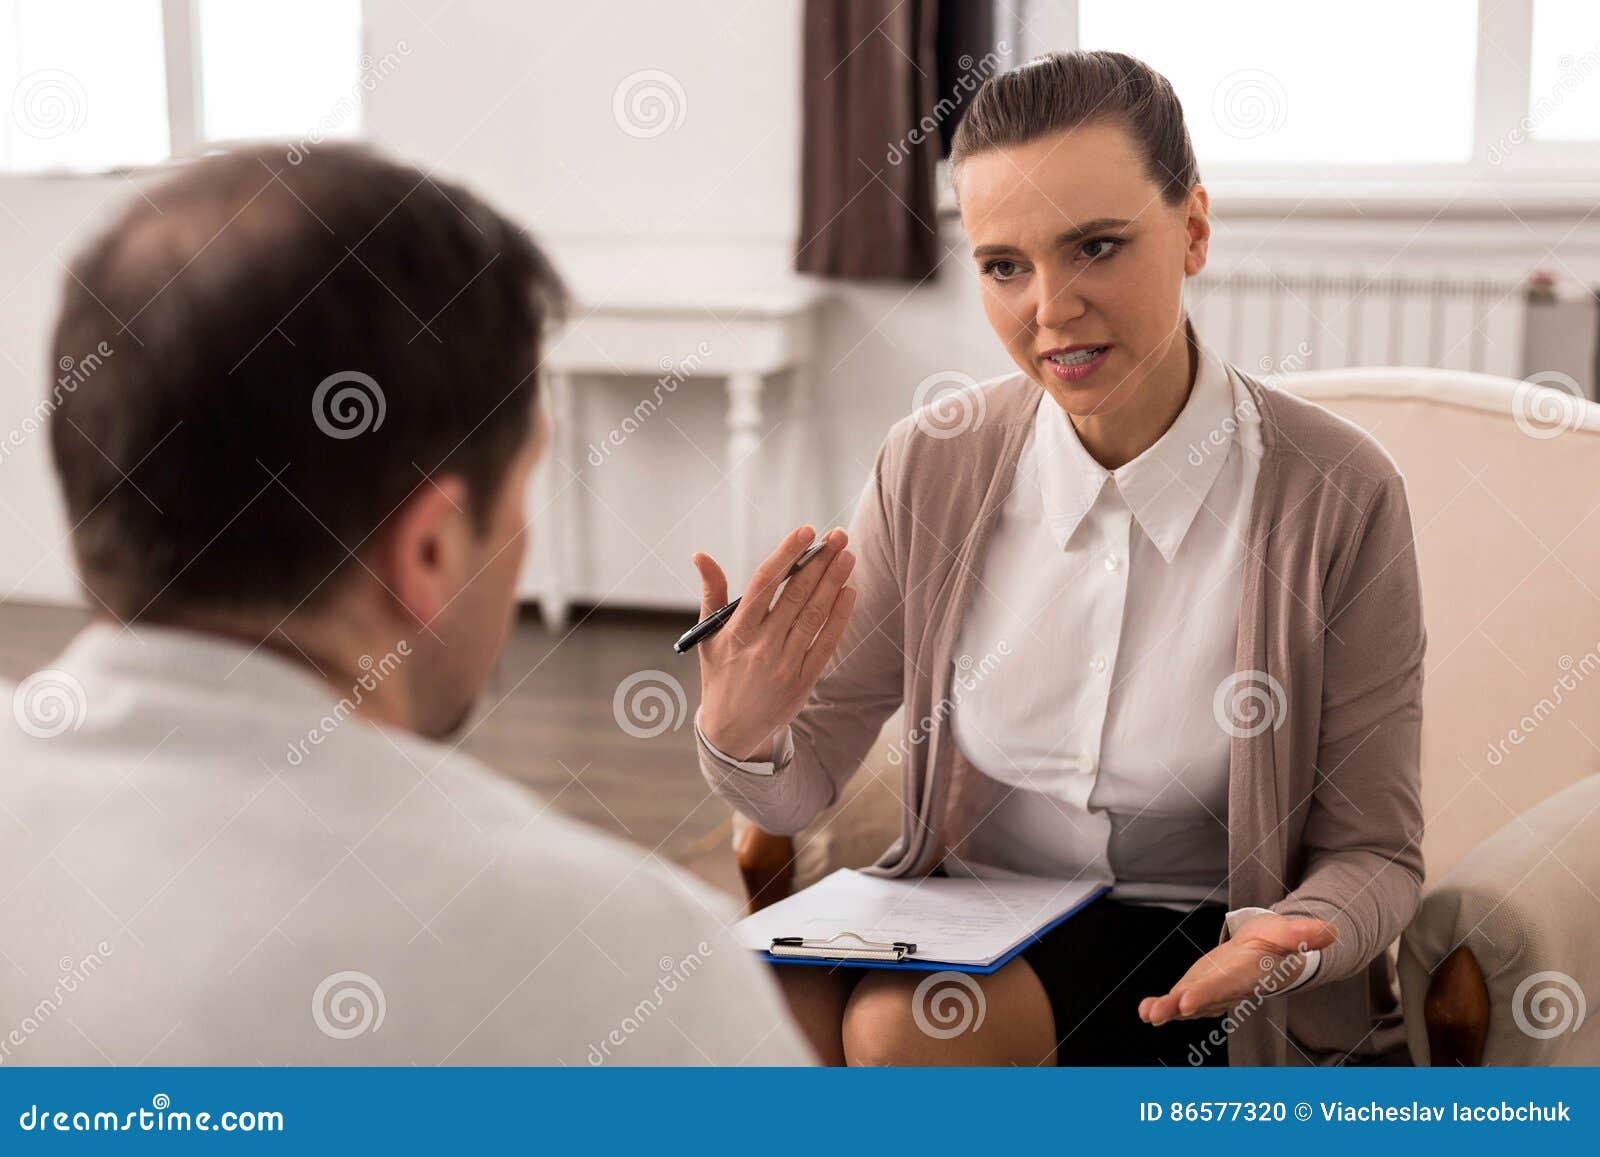 Thérapeute professionnel positif donnant des conseils